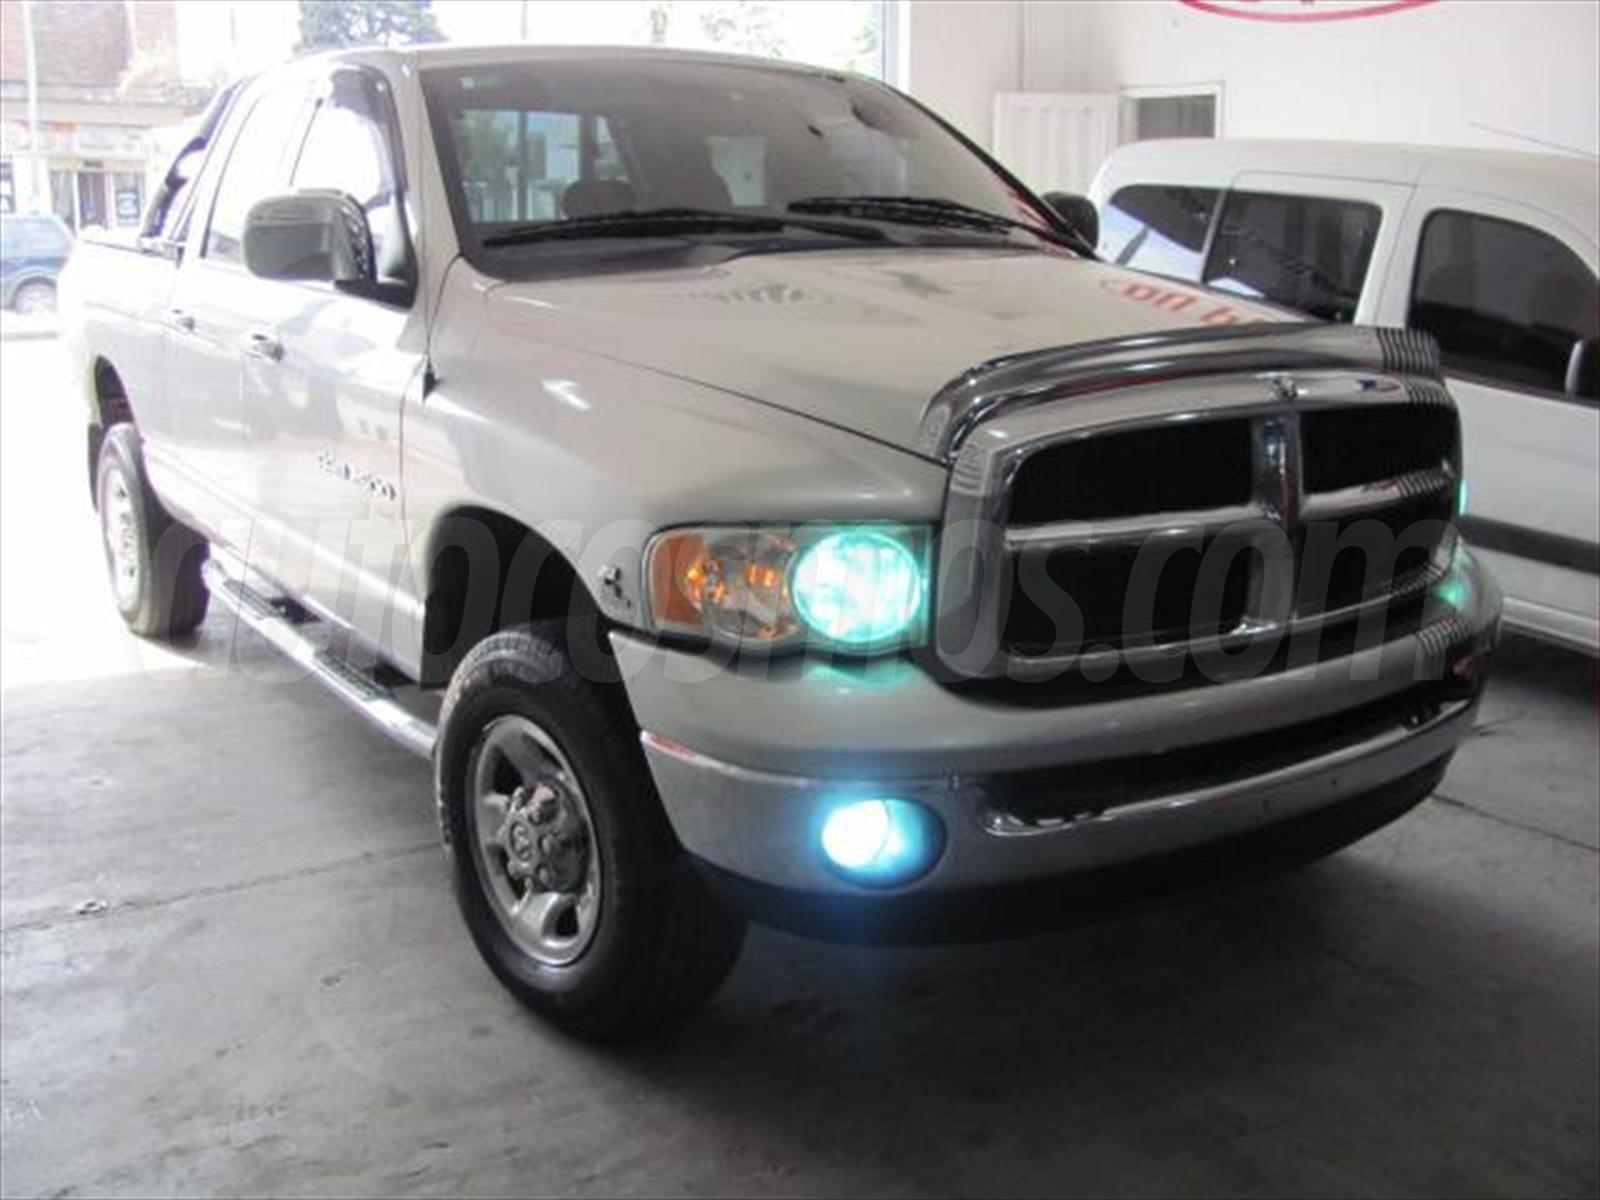 Venta autos usado - Buenos Aires GBA - Dodge Ram 2500 SLT ...